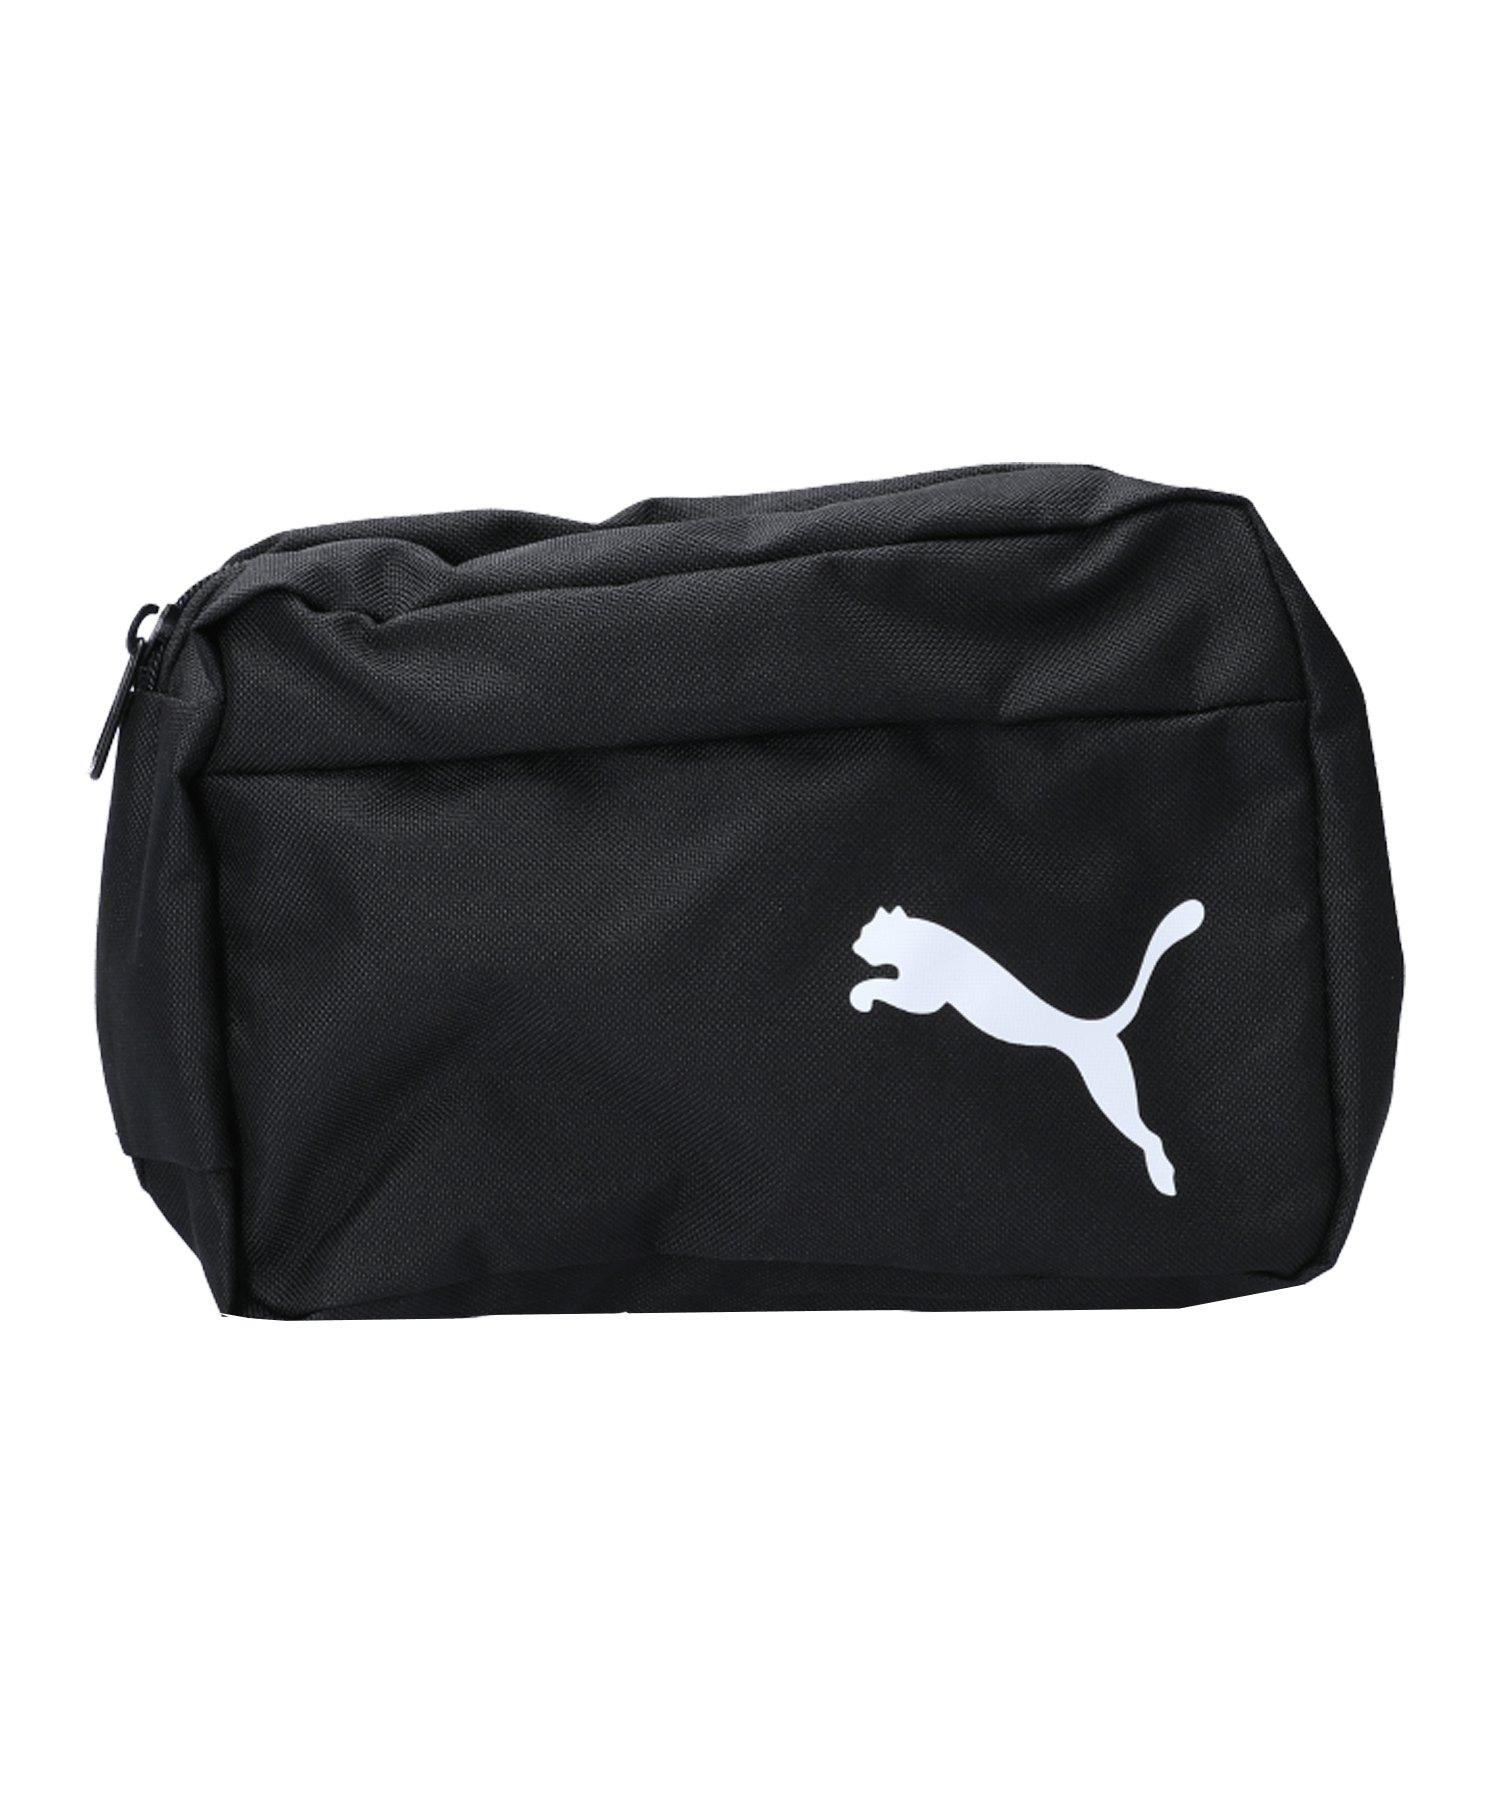 PUMA teamGOAL 23 Wash Bag Tasche Schwarz F03 - schwarz